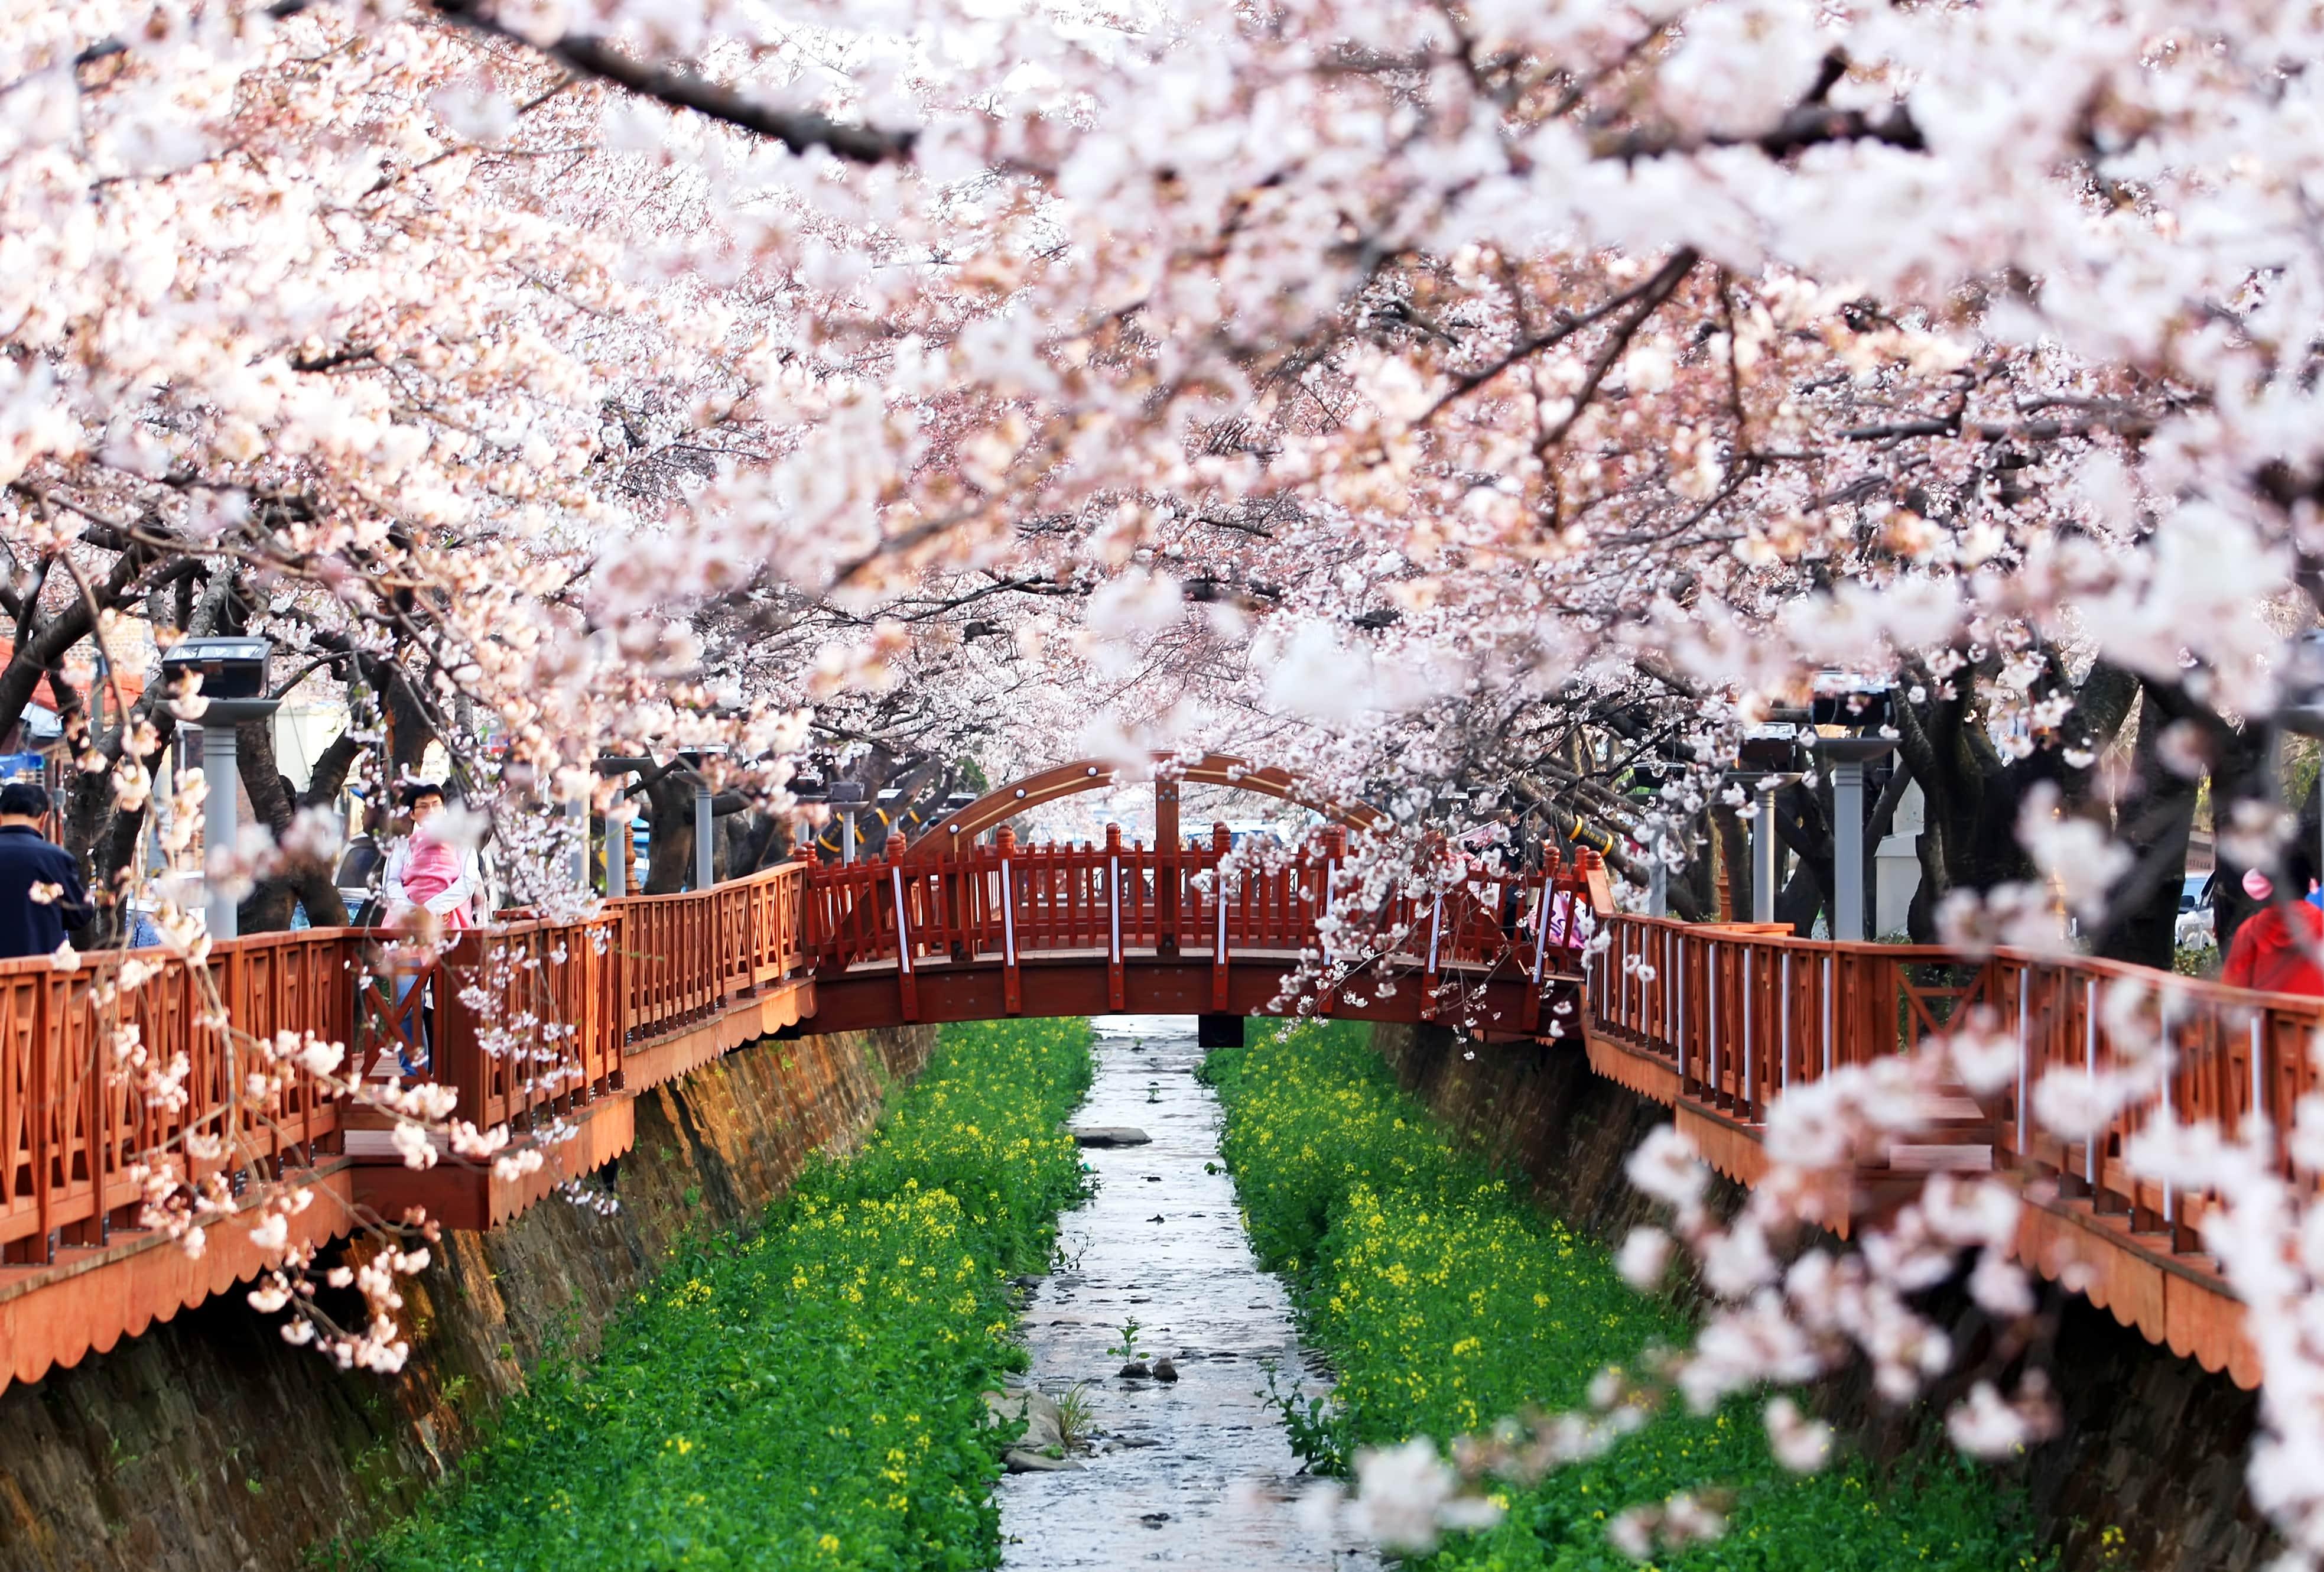 changwon-city-og-cherry-blossom-festival-secret-world